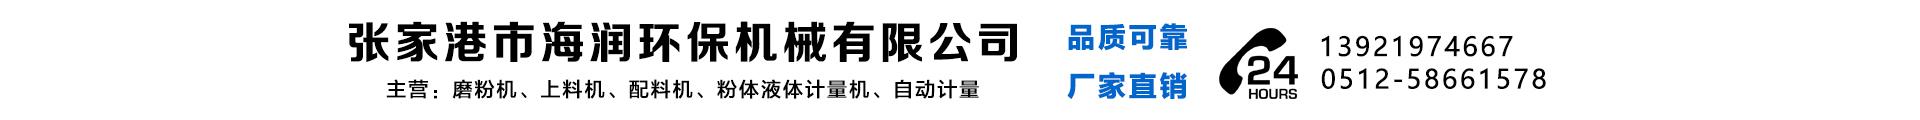 张家港市海润环保机械有限公司